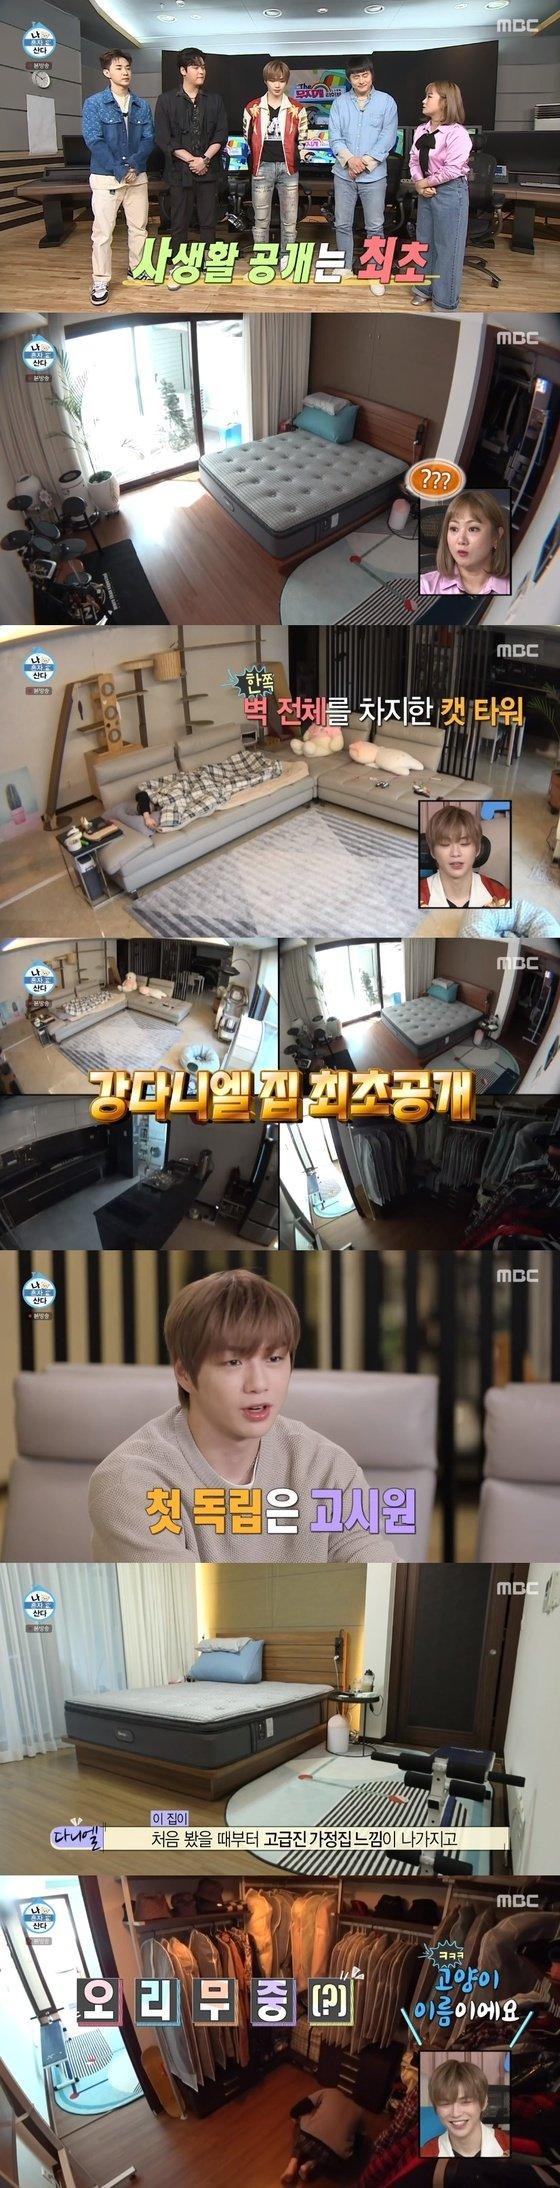 """歌手カン・ダニエル、一人暮らしの家を初公開…""""高級家庭のような感じ"""""""